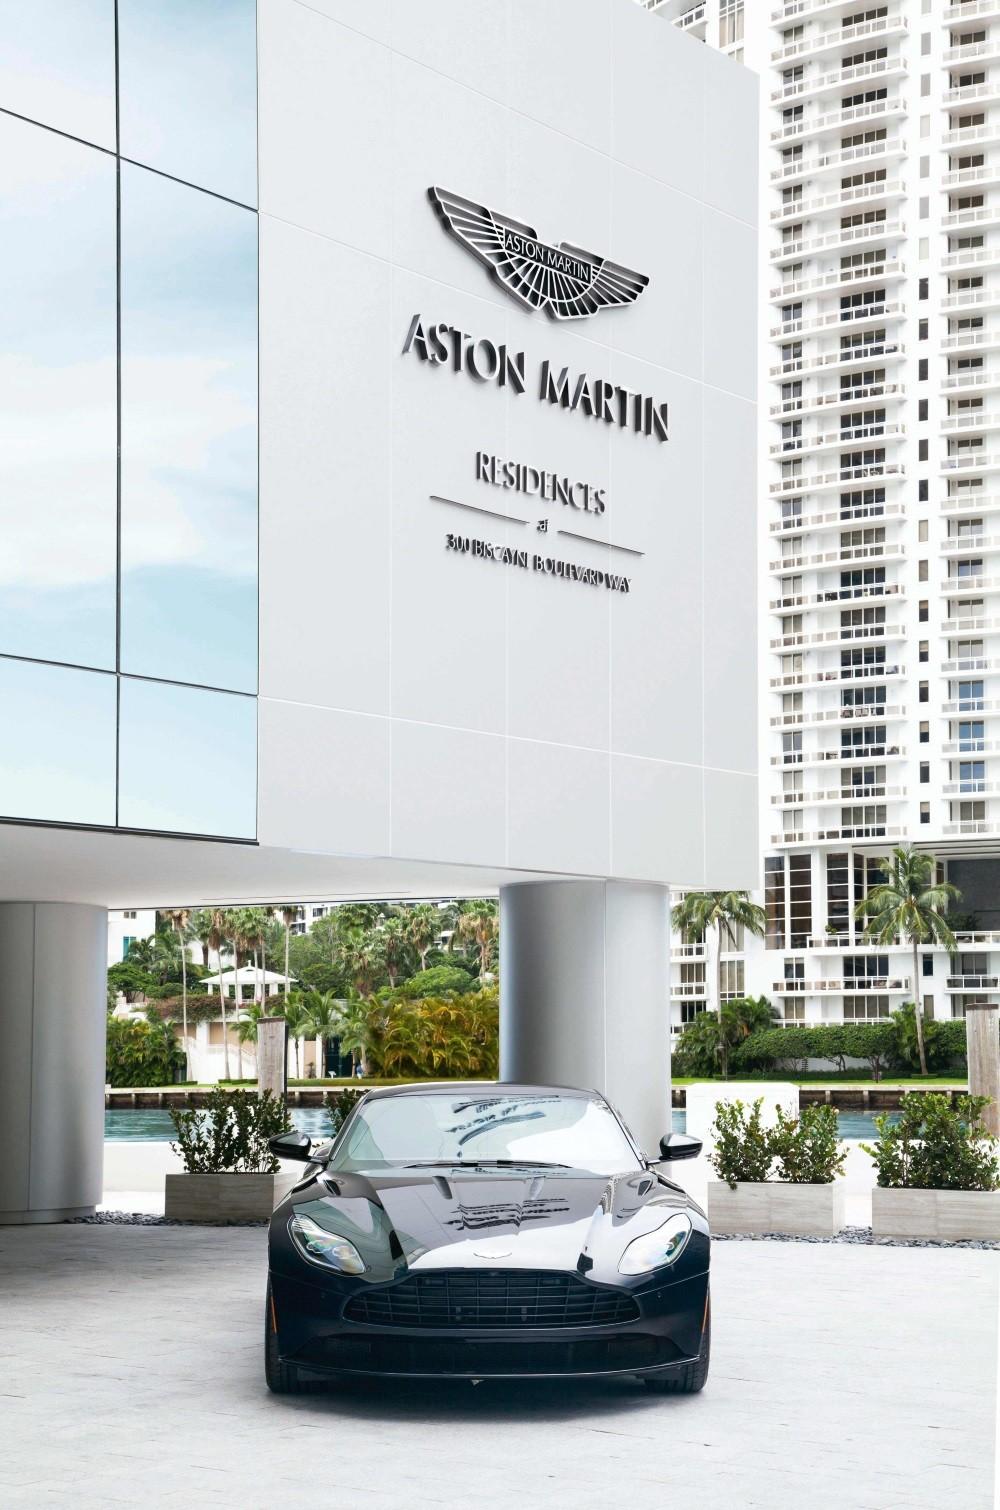 Aston-Martin-Residences-Miami-penthouse-3